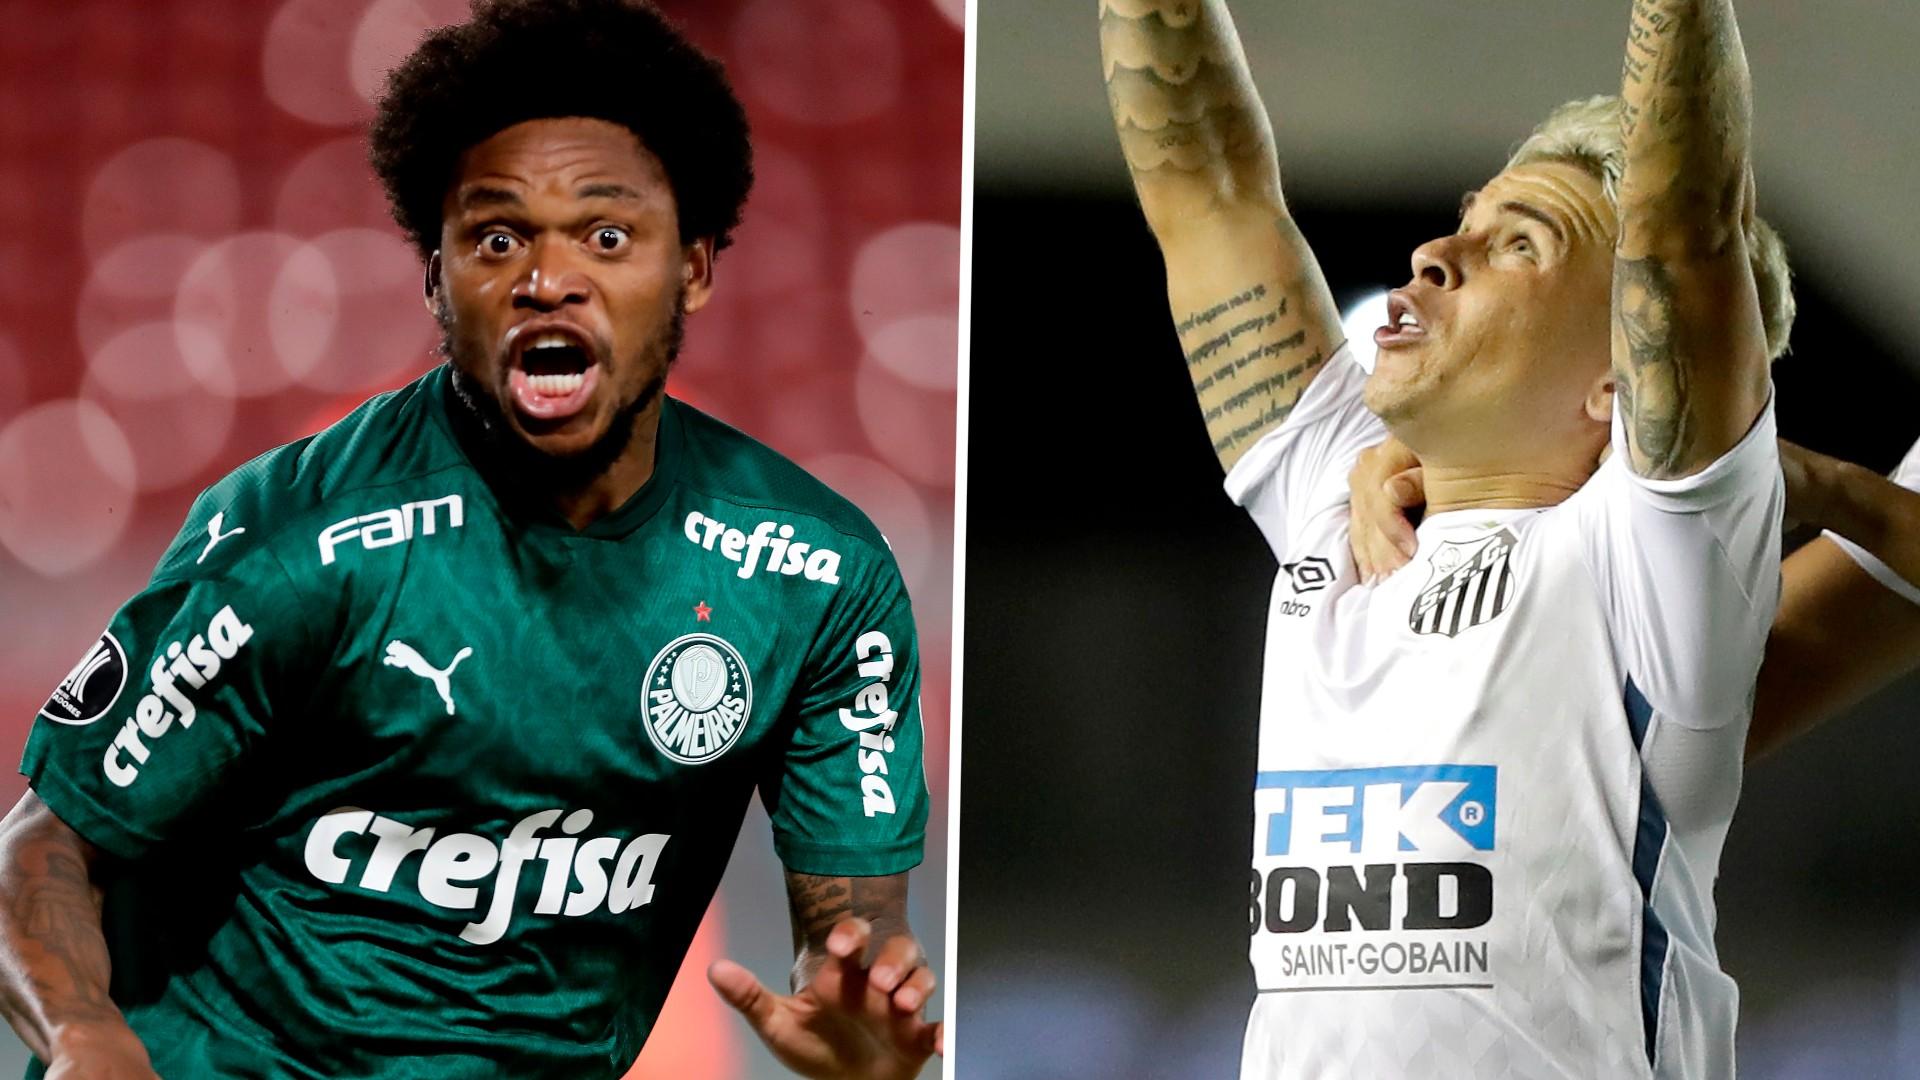 Santos vs palmeiras betting preview goal inter vs genoa betting expert nba